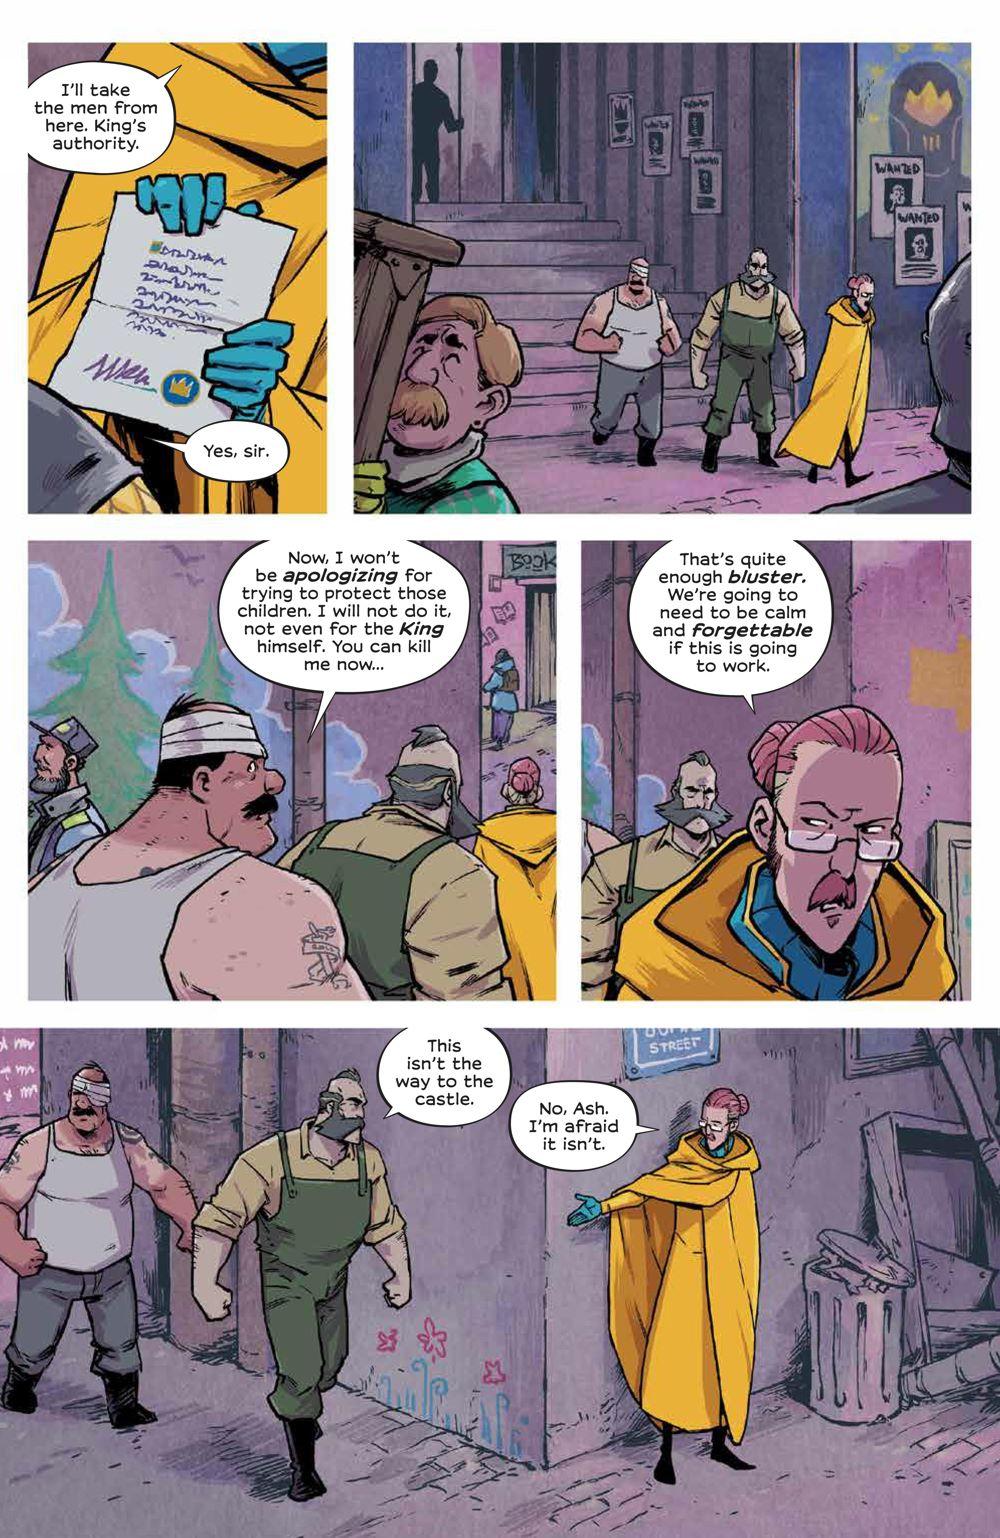 Wynd_007_PRESS_5 ComicList Previews: WYND #7